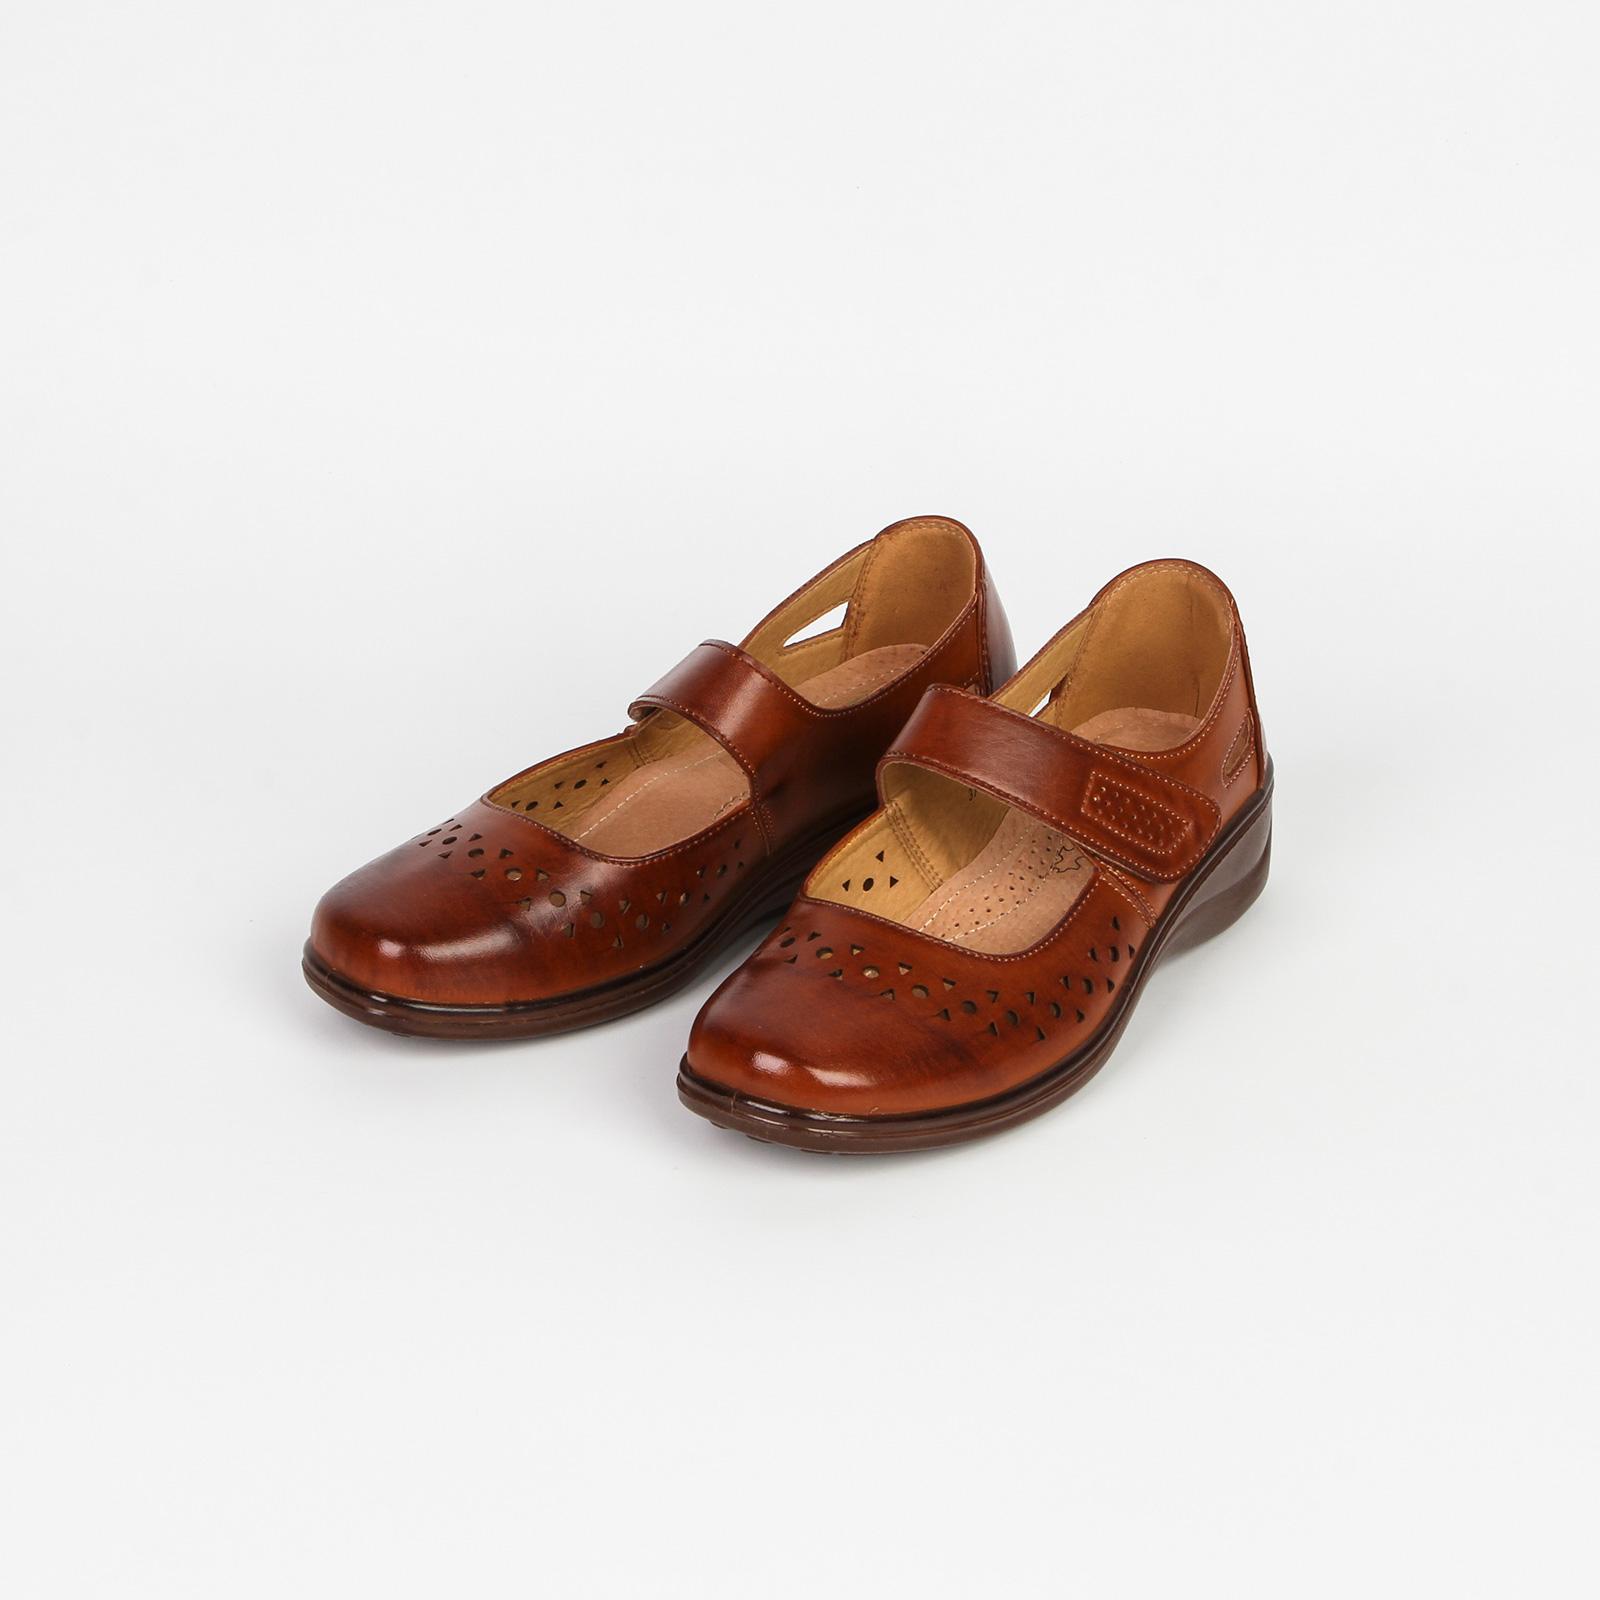 Туфли женские с удобной застежкой и сквозной перфорацией